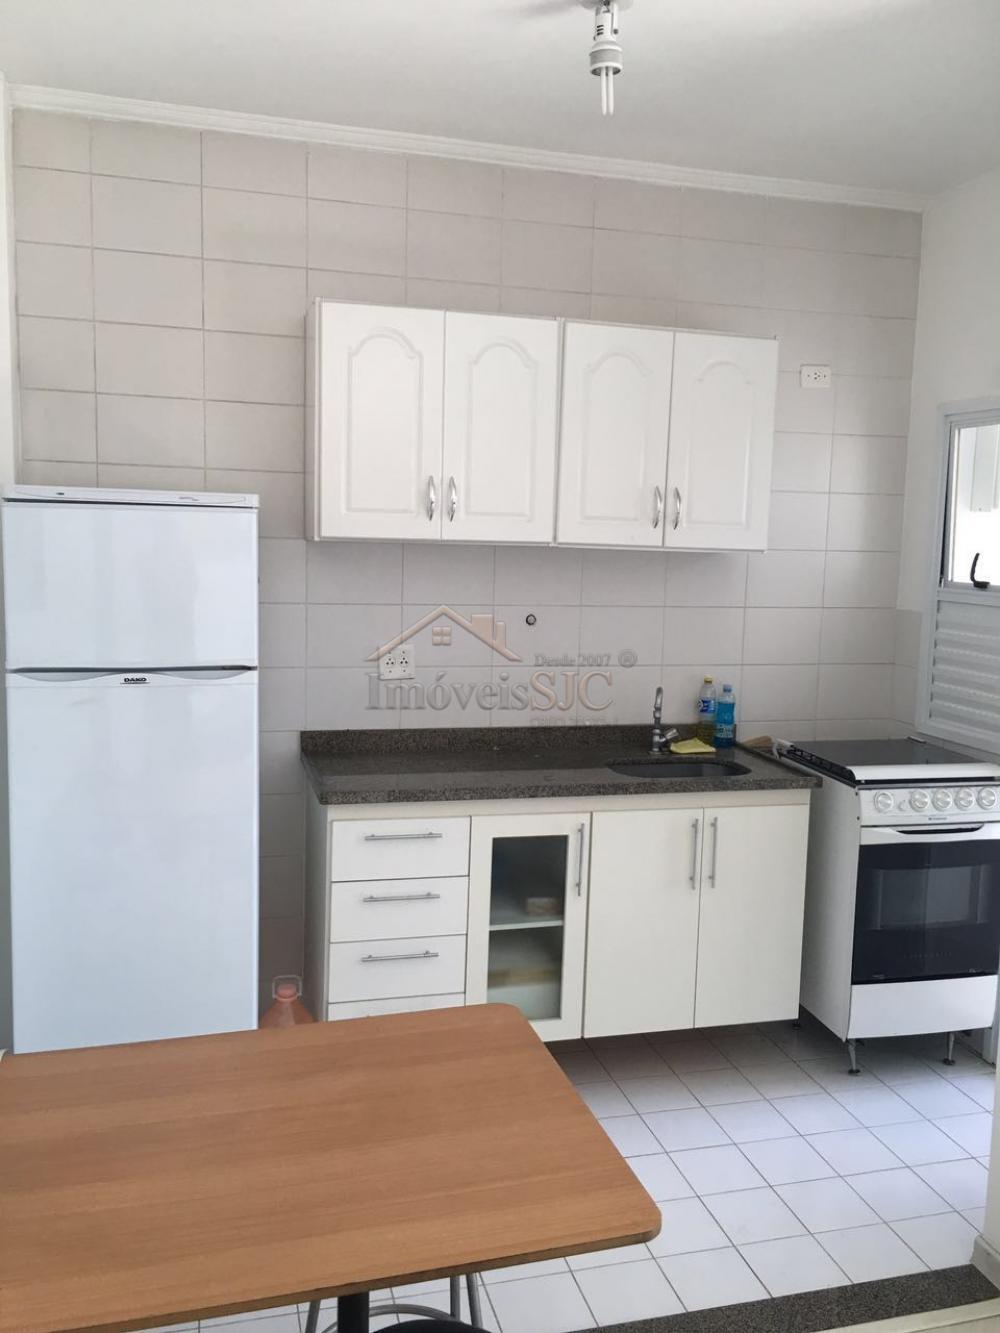 Alugar Apartamentos / Flat em São José dos Campos apenas R$ 1.550,00 - Foto 2